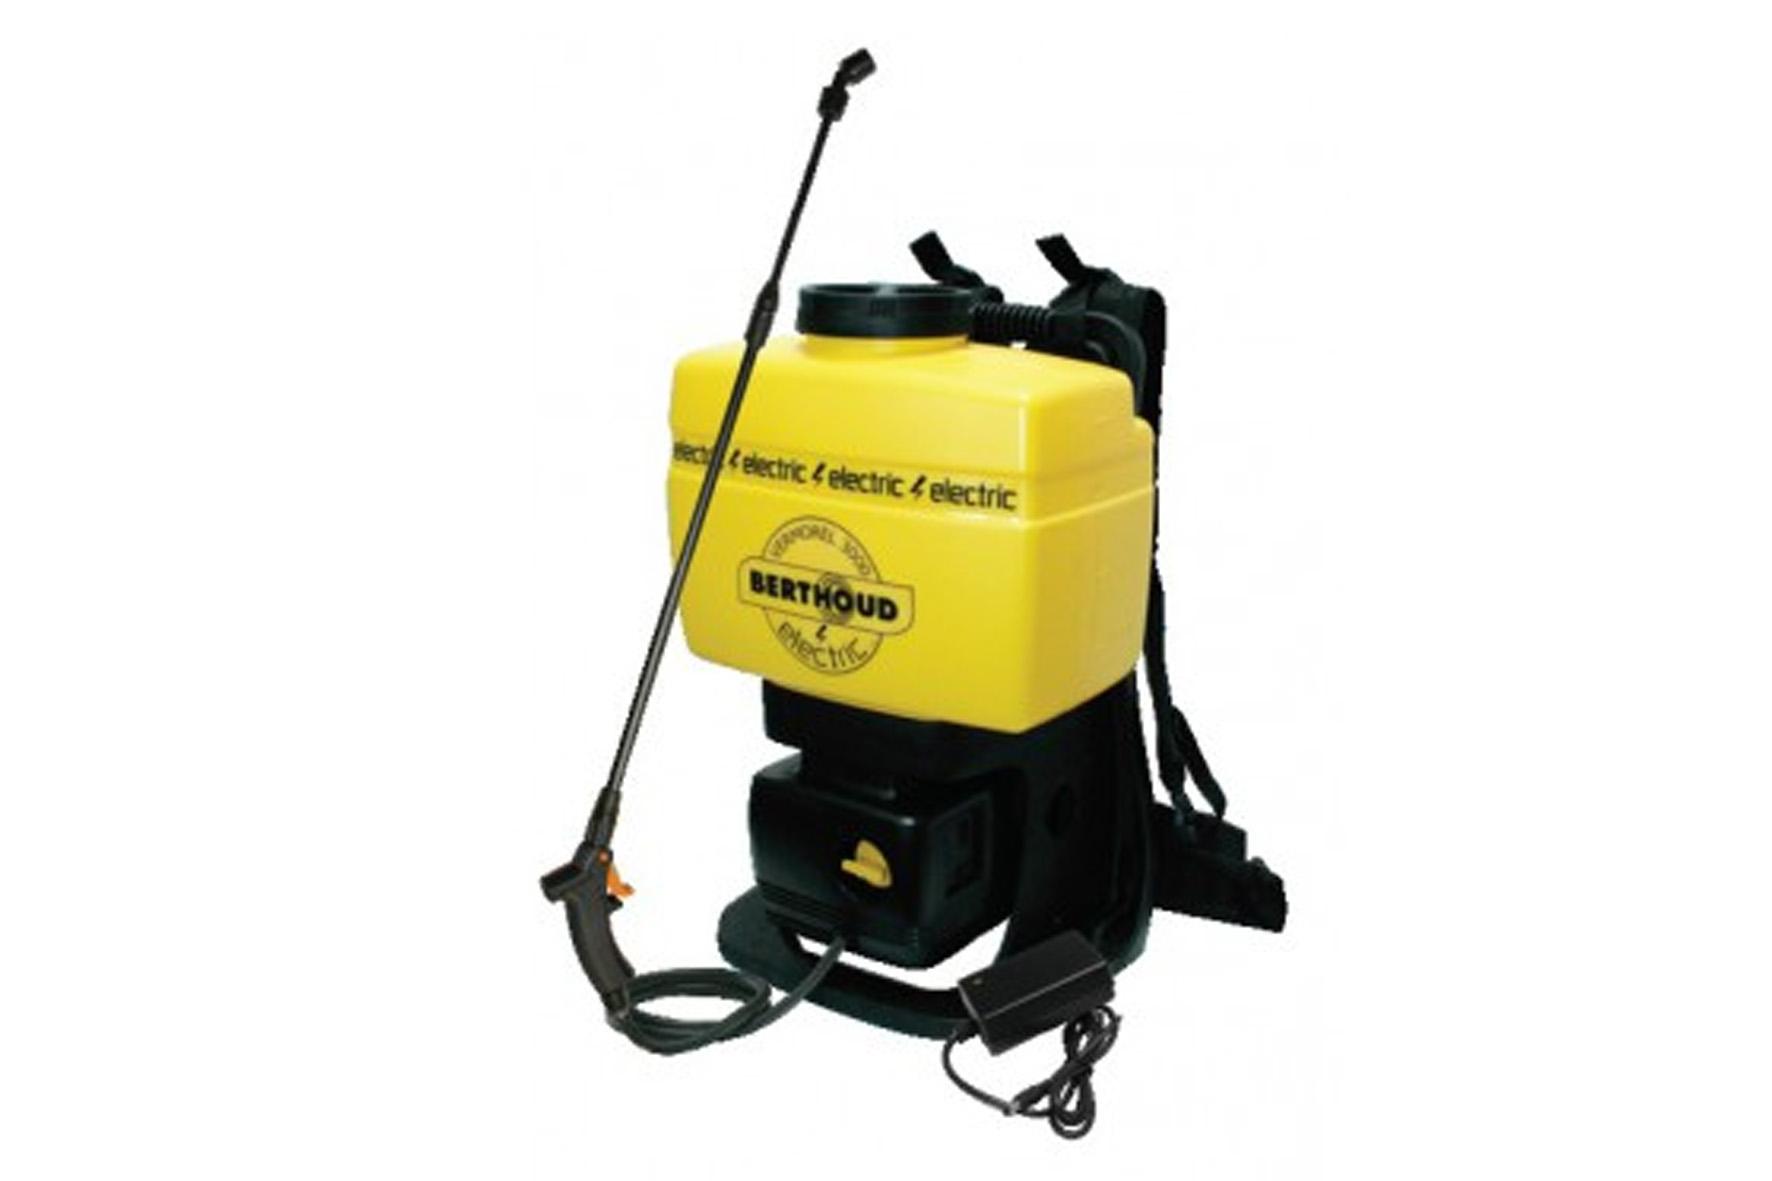 Pulv risateur vermorel 3000 electric achat en ligne ou dans notre magasin - Pulverisateur de jardin electrique ...